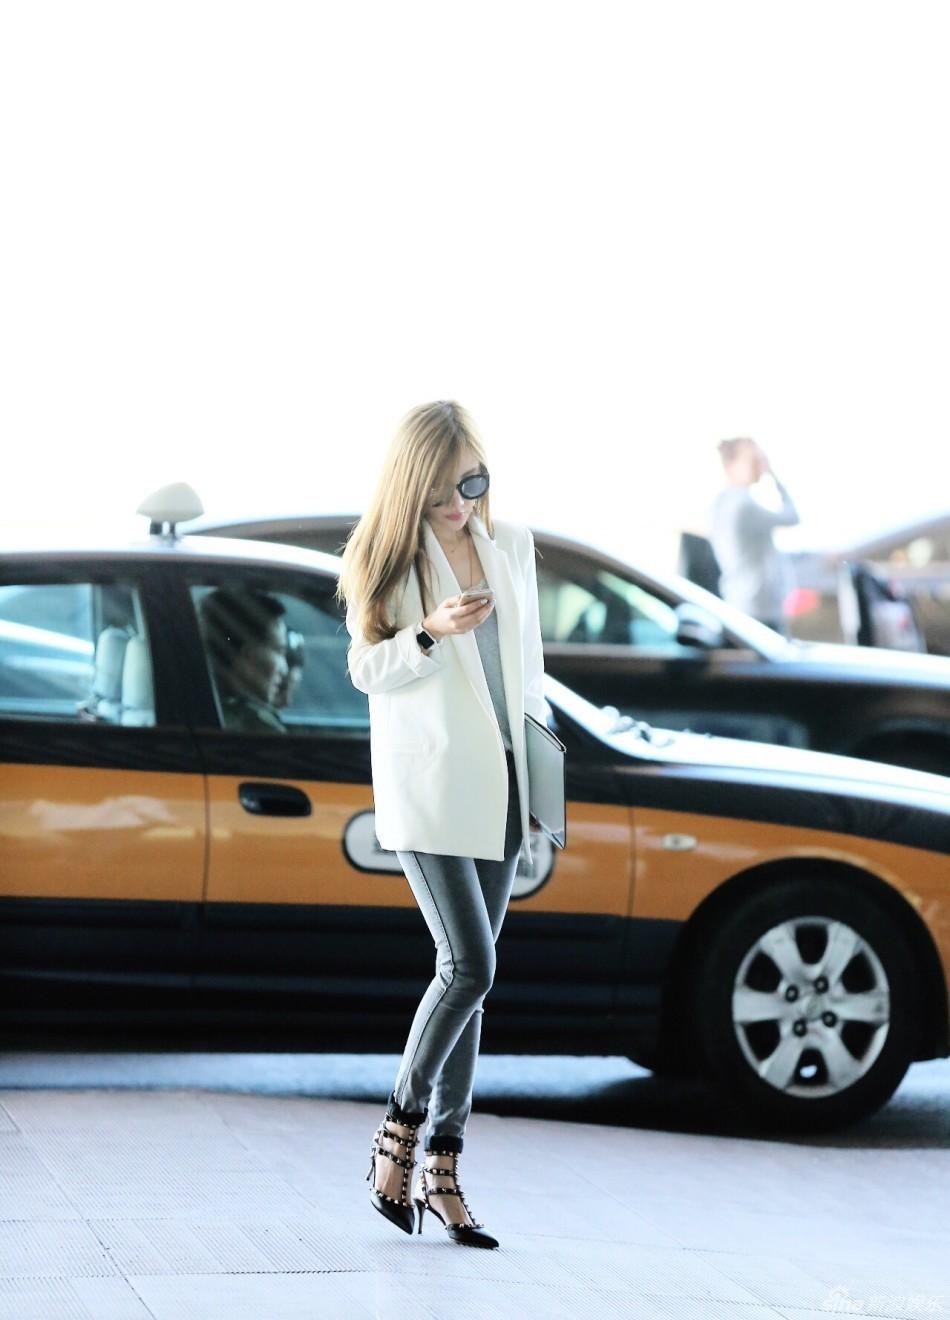 组图 李小璐机场街拍优雅干练靓丽迷人